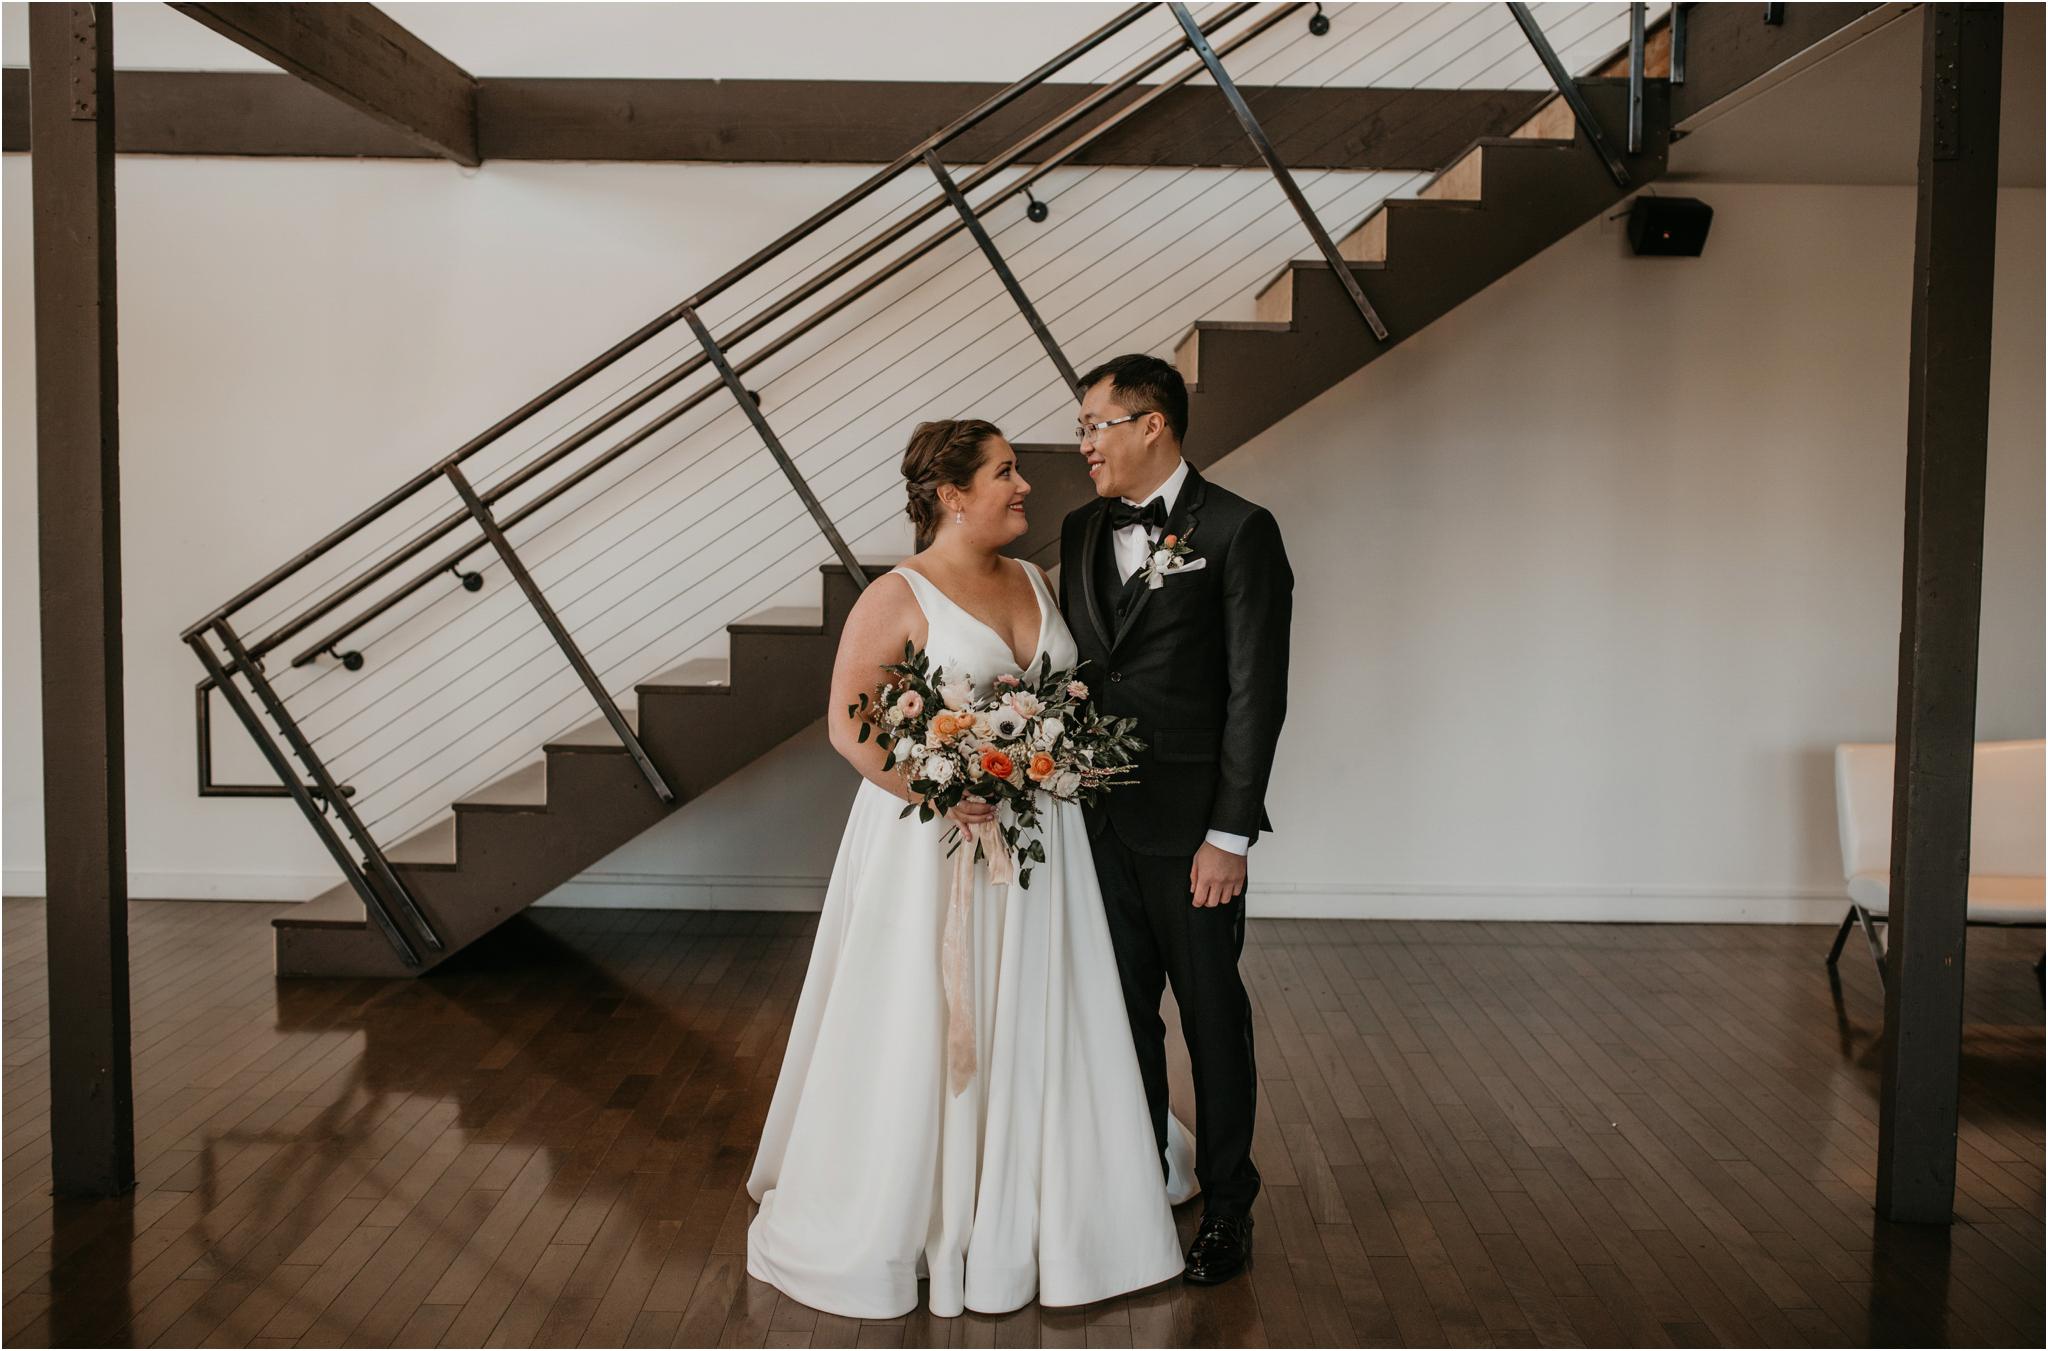 ashley-and-david-fremont-foundry-seattle-washington-wedding-photographer-055.jpg